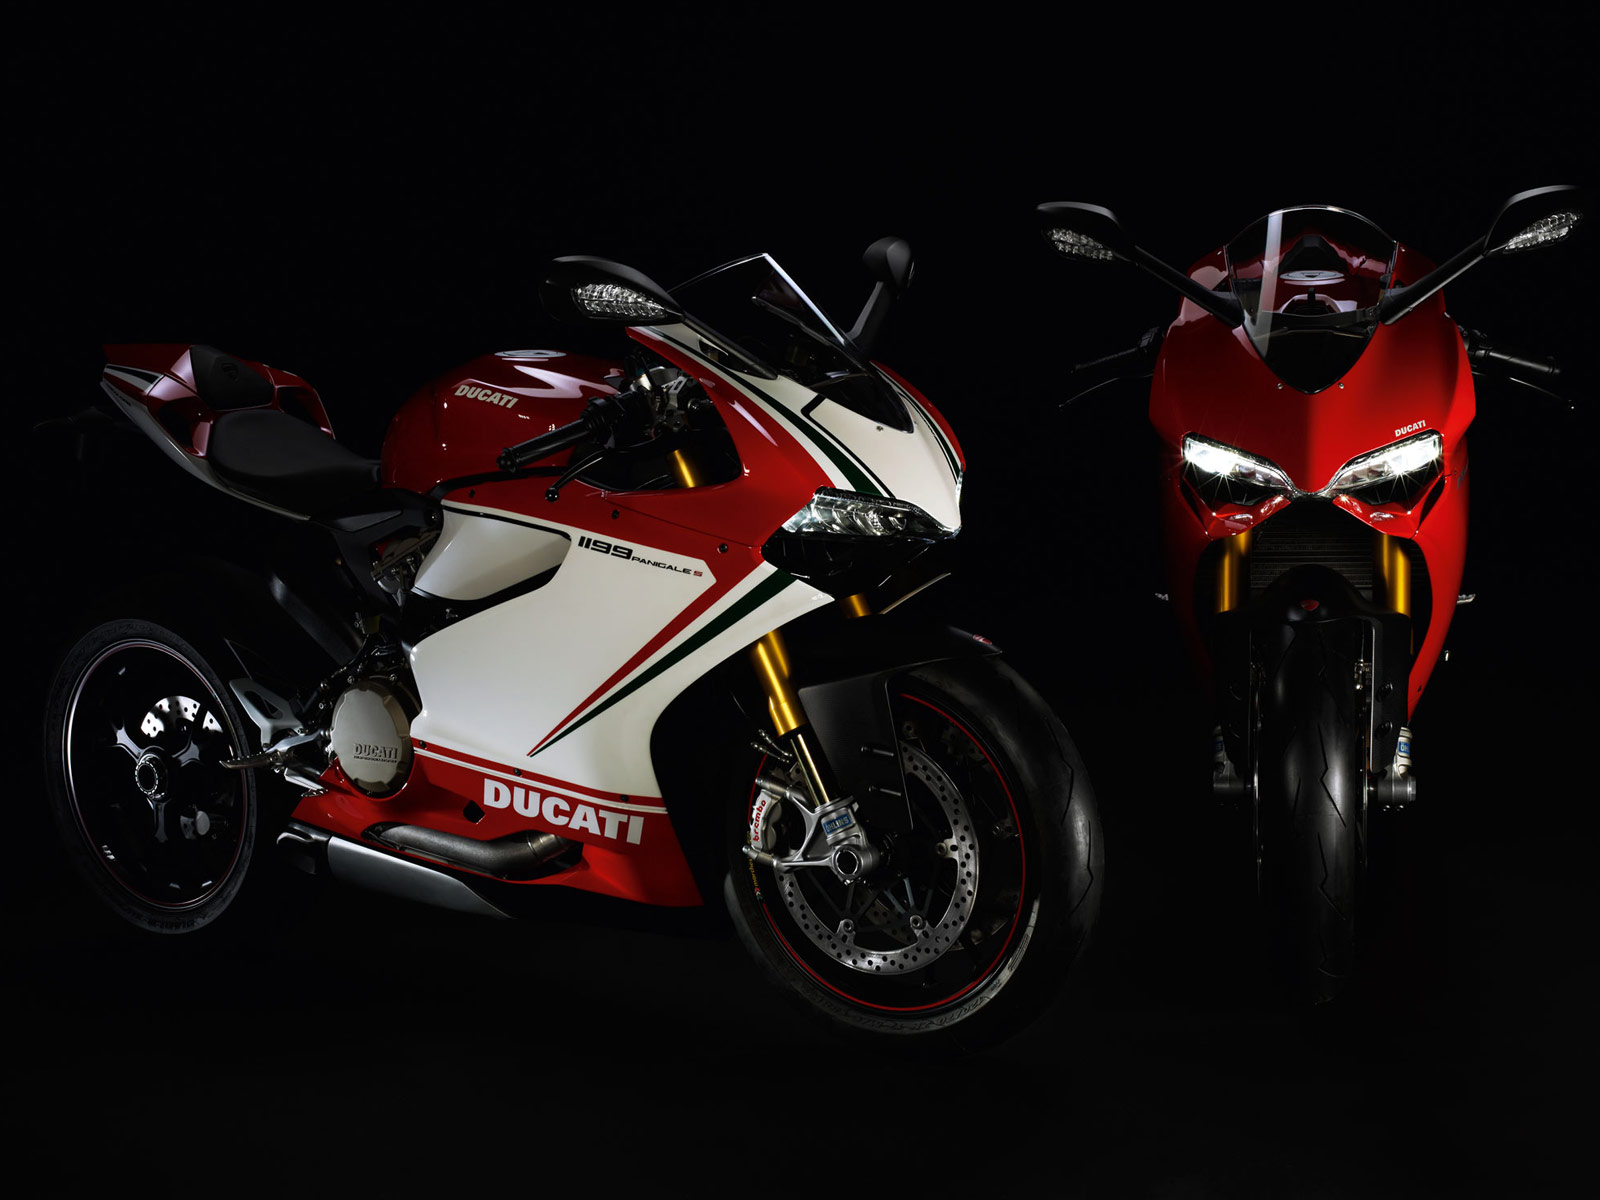 http://1.bp.blogspot.com/-8ps7jwnBa1s/Tw2Cip1K9ZI/AAAAAAAAGb0/T_pd6k1tblw/s1600/2012-Ducati-1199-Panigale-motorcycle-desktop-wallpaper_5.jpg